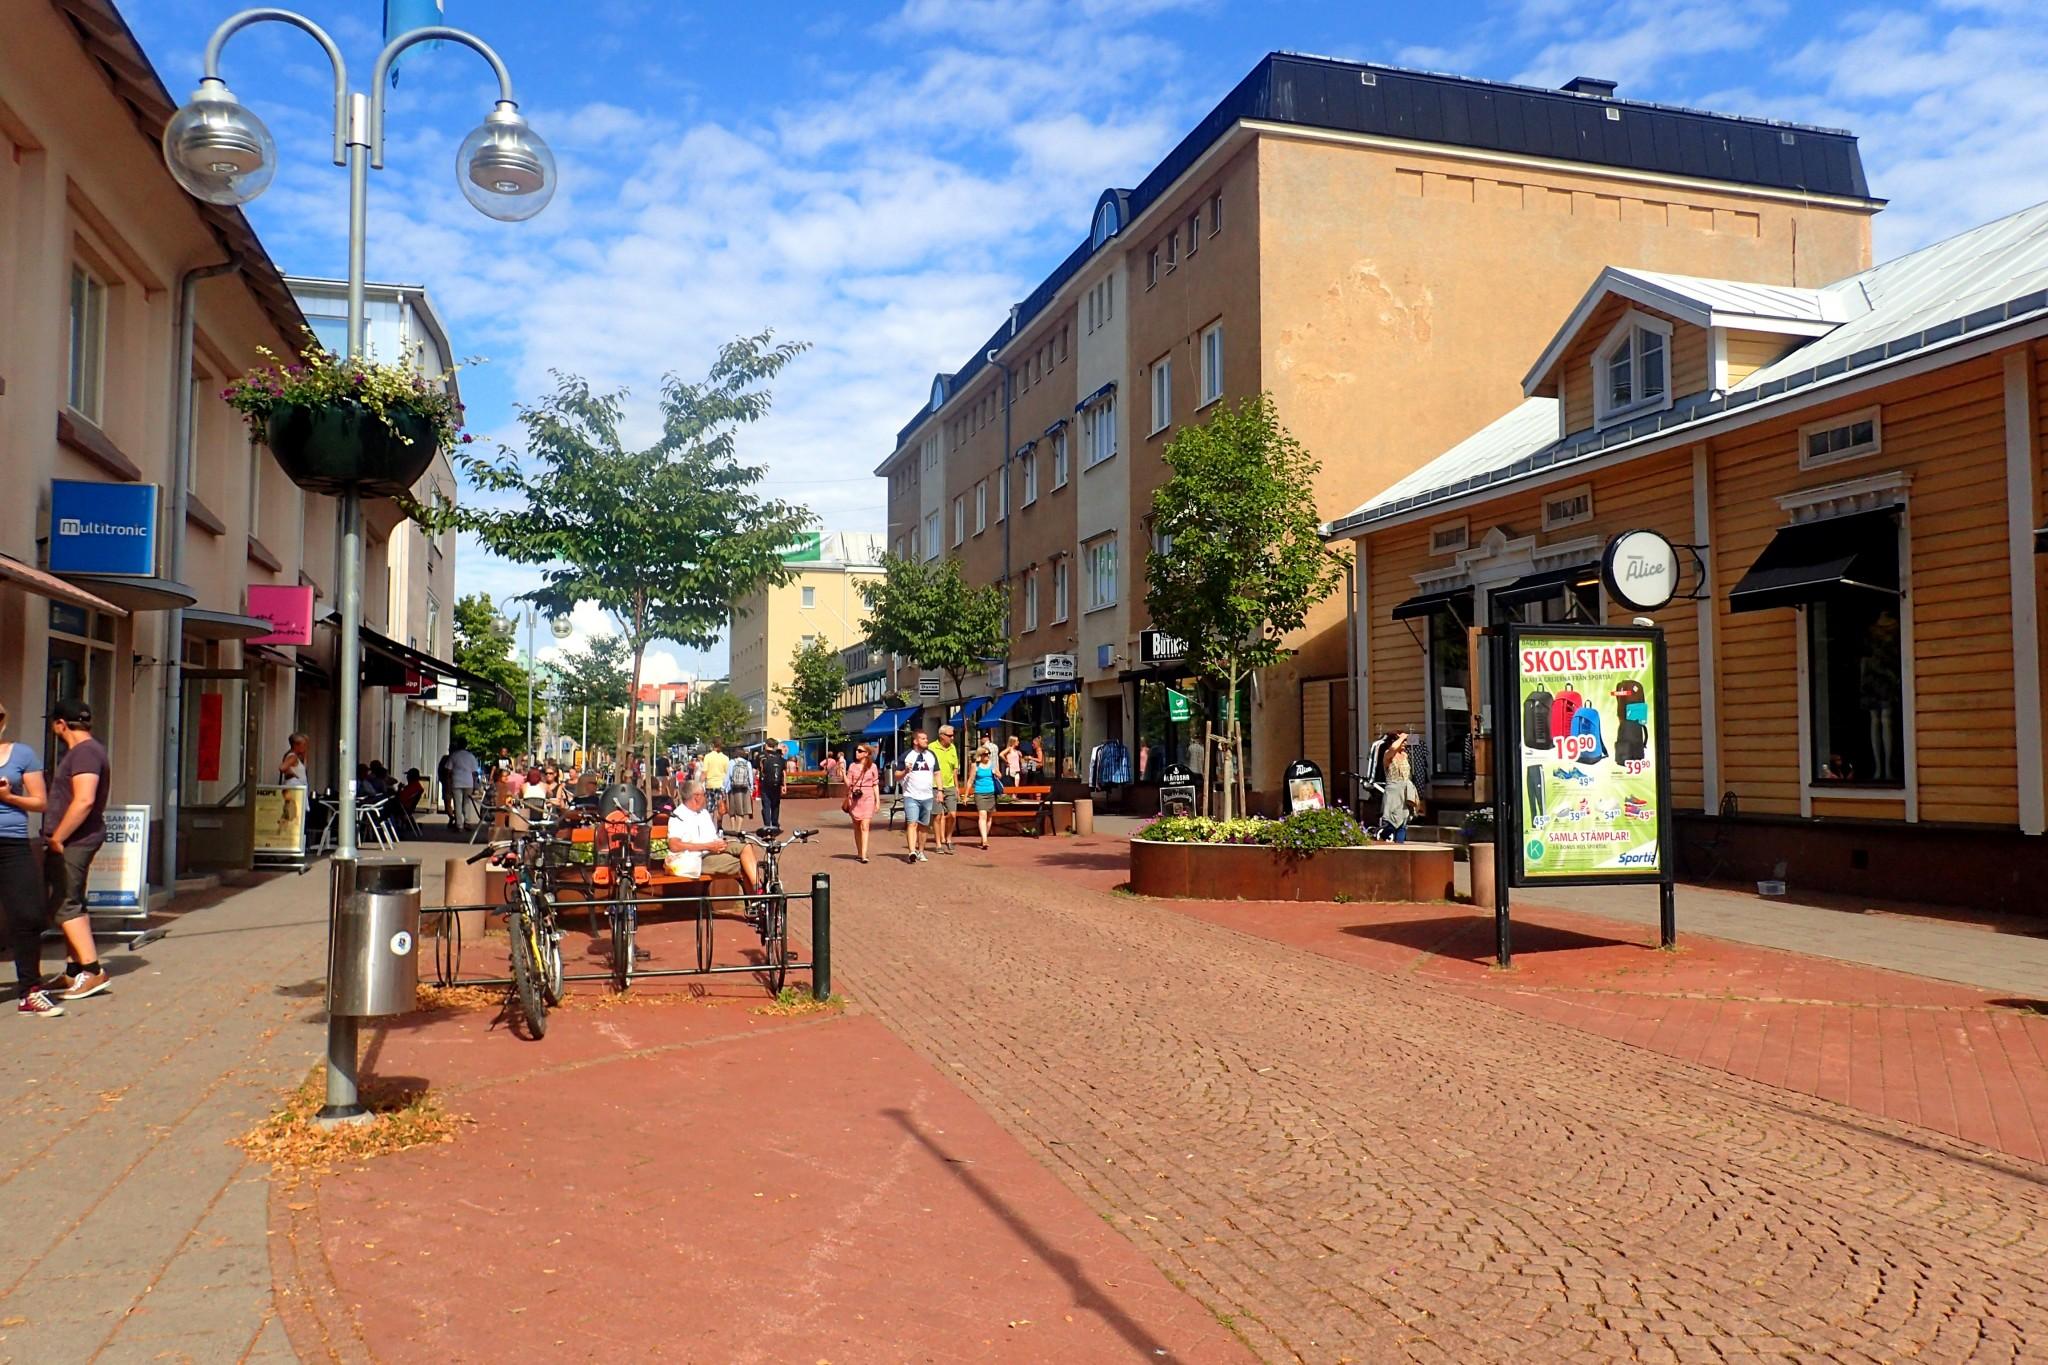 Maarianhaminan keskustan Torggatan on suosittu kävelykatu, joka on täynnä ravintoloita ja kauppoja